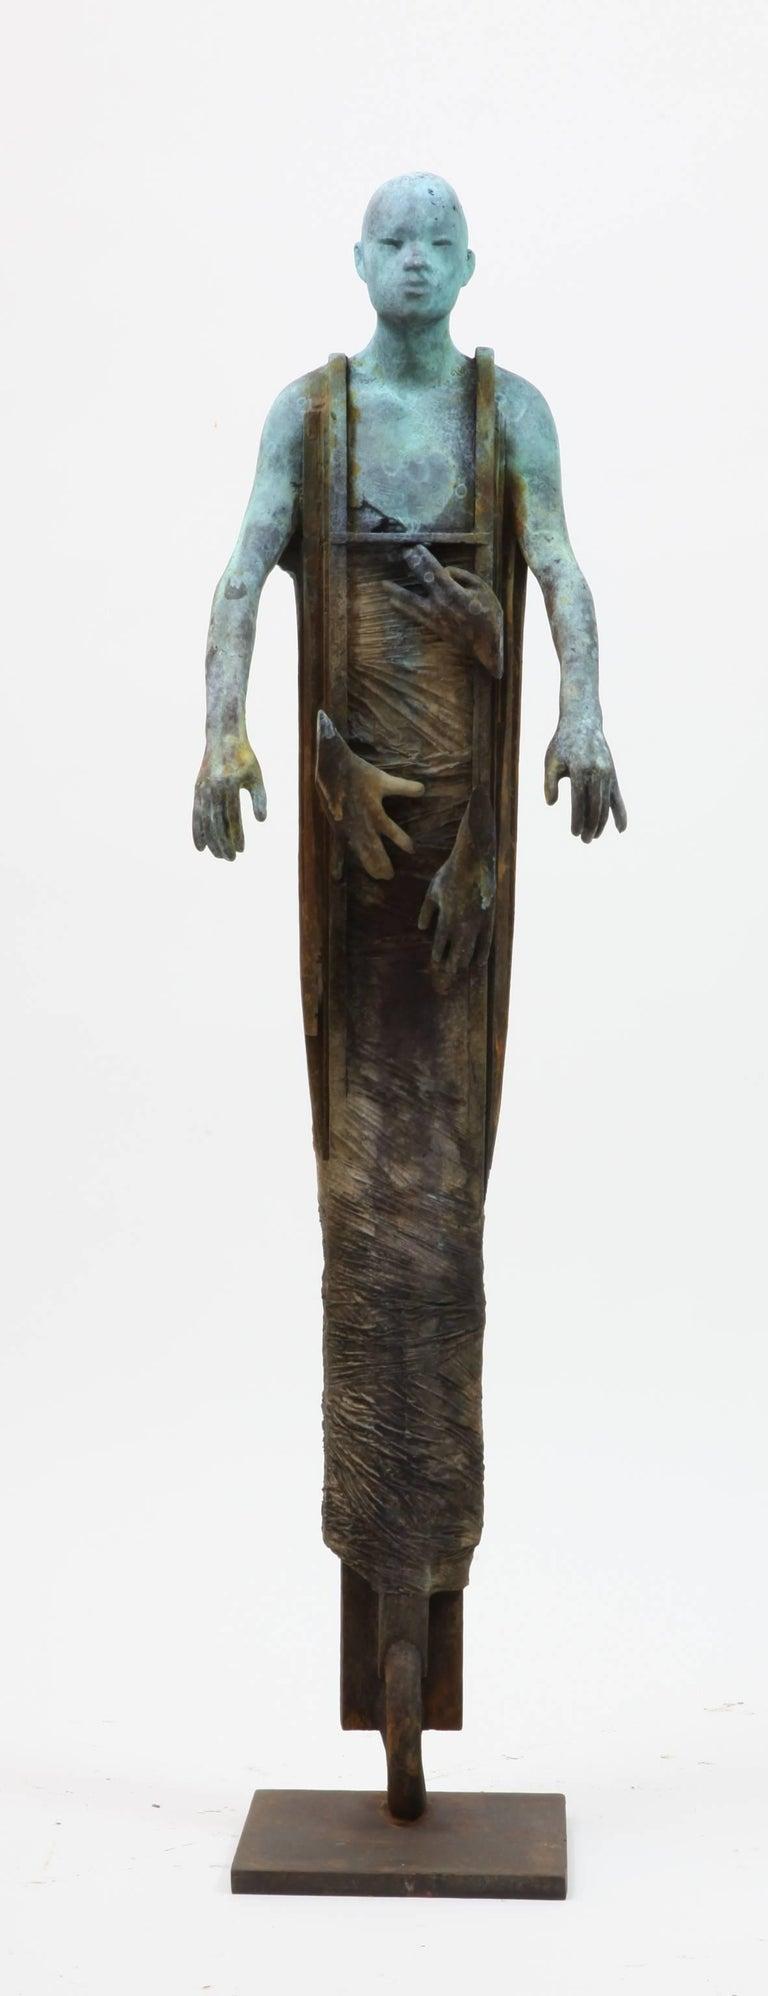 Jesus Curia Perez Figurative Sculpture - Centauro - Cast Bronze Figure Geometric and Organic Elements by Jesús Curiá